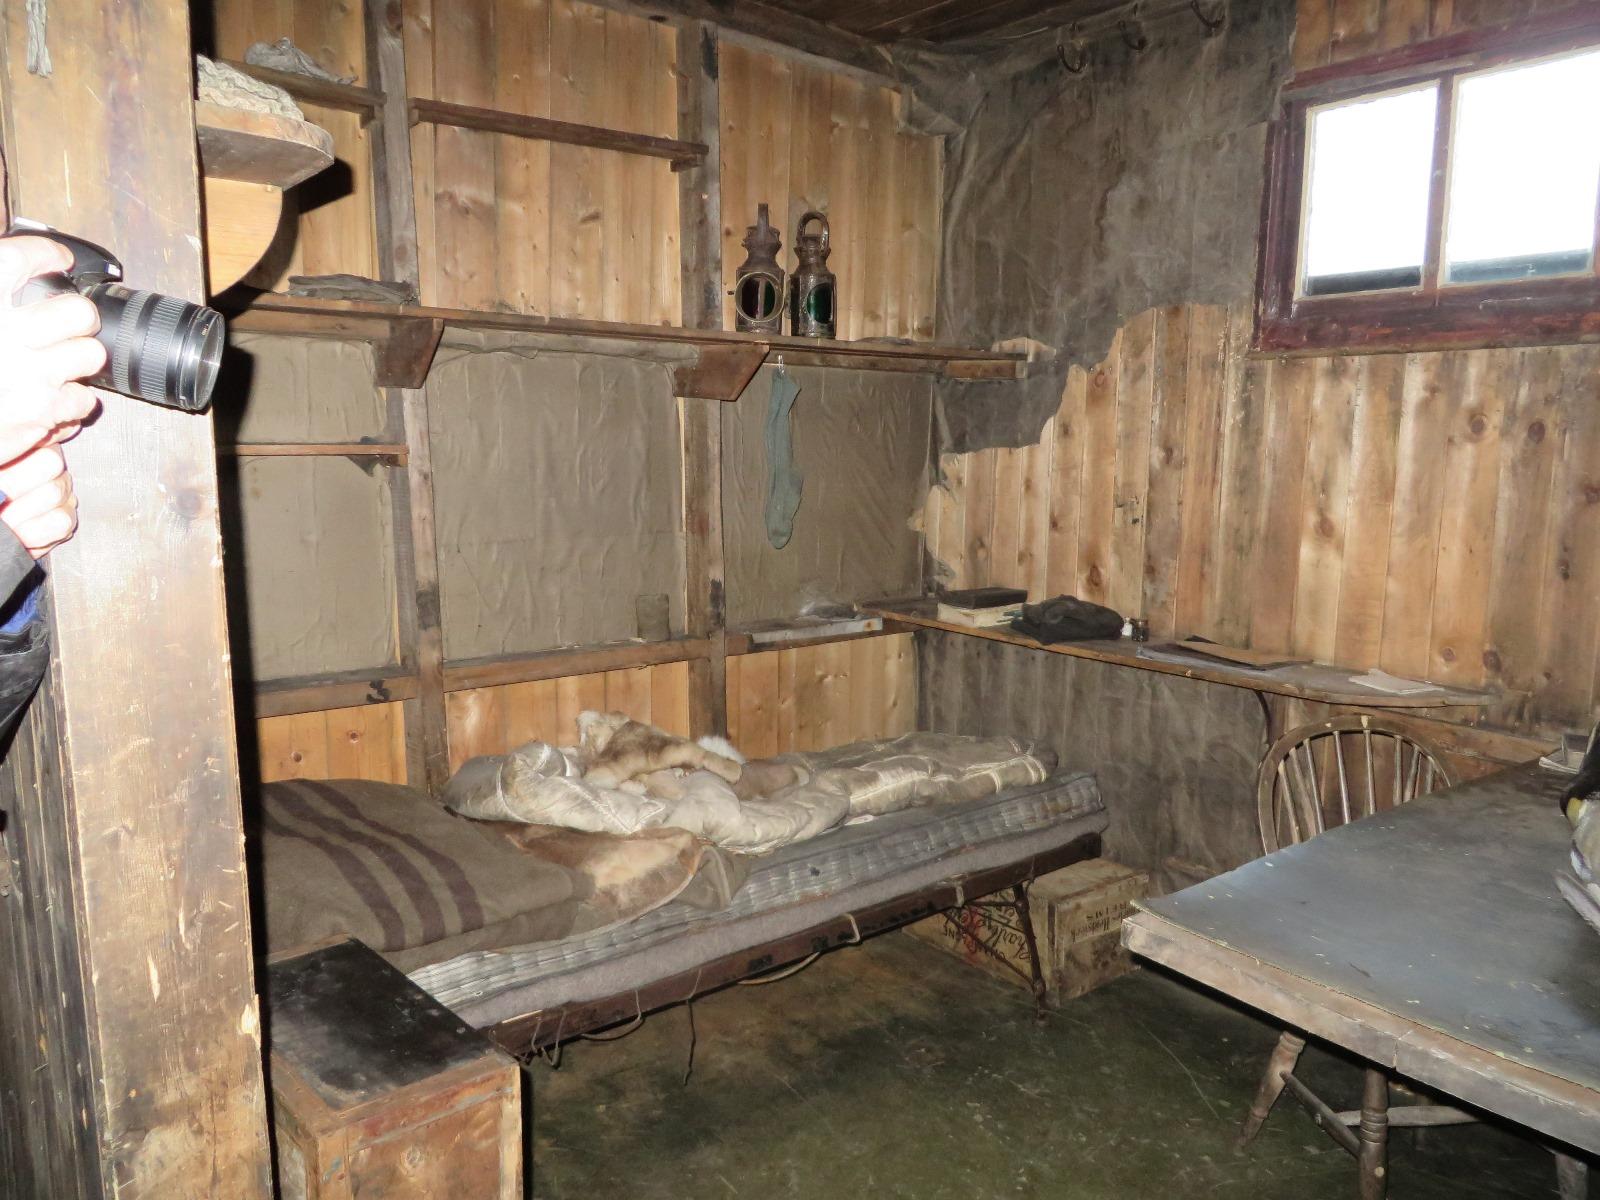 Scott's bunk in his hut at Cape Evans